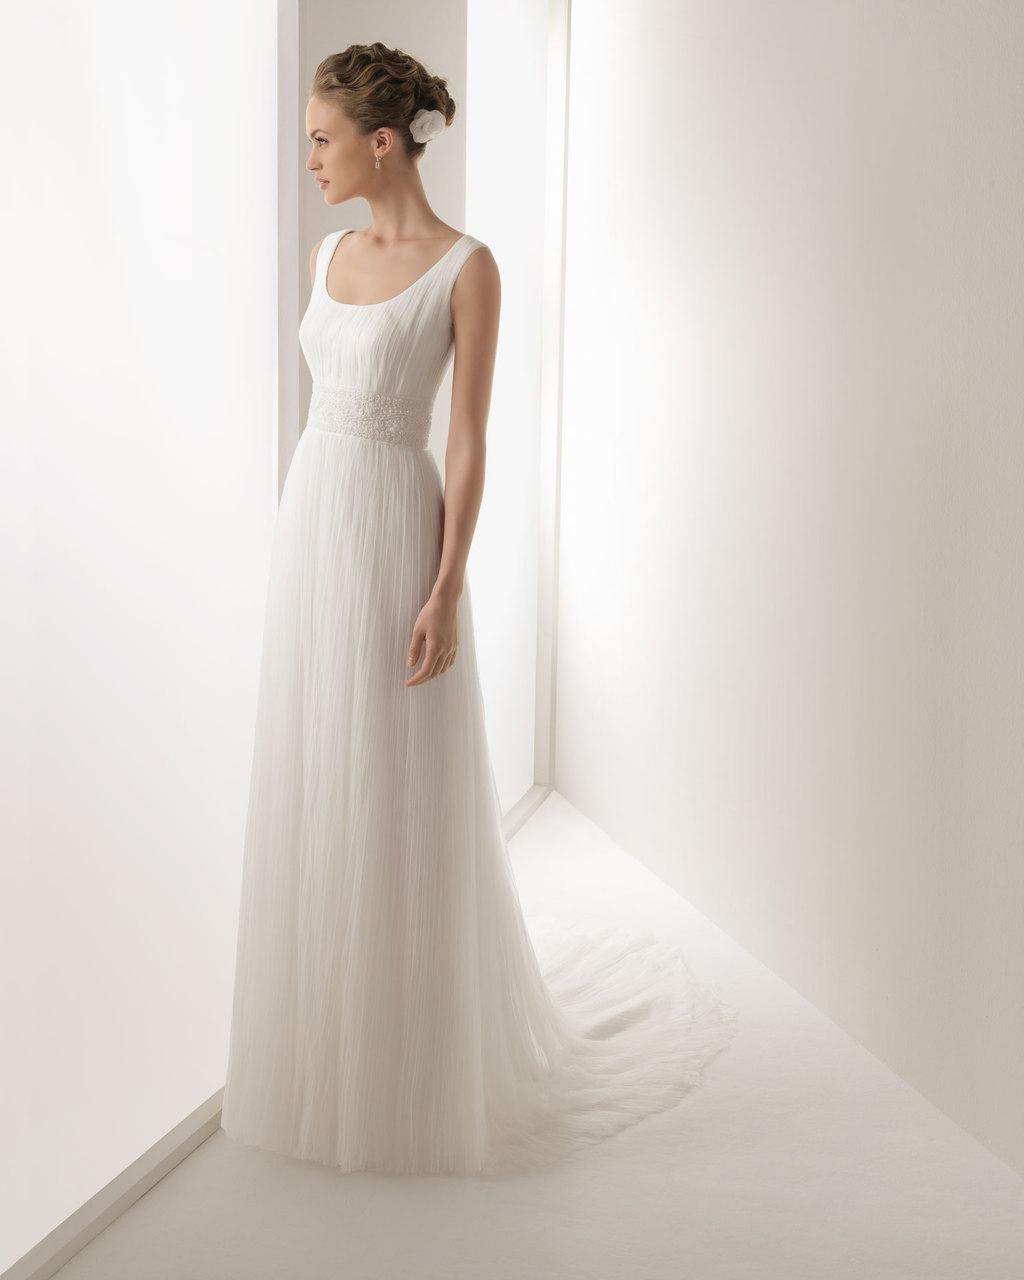 2013-wedding-dress-soft-by-rosa-clara-bridal-gowns-joel.full